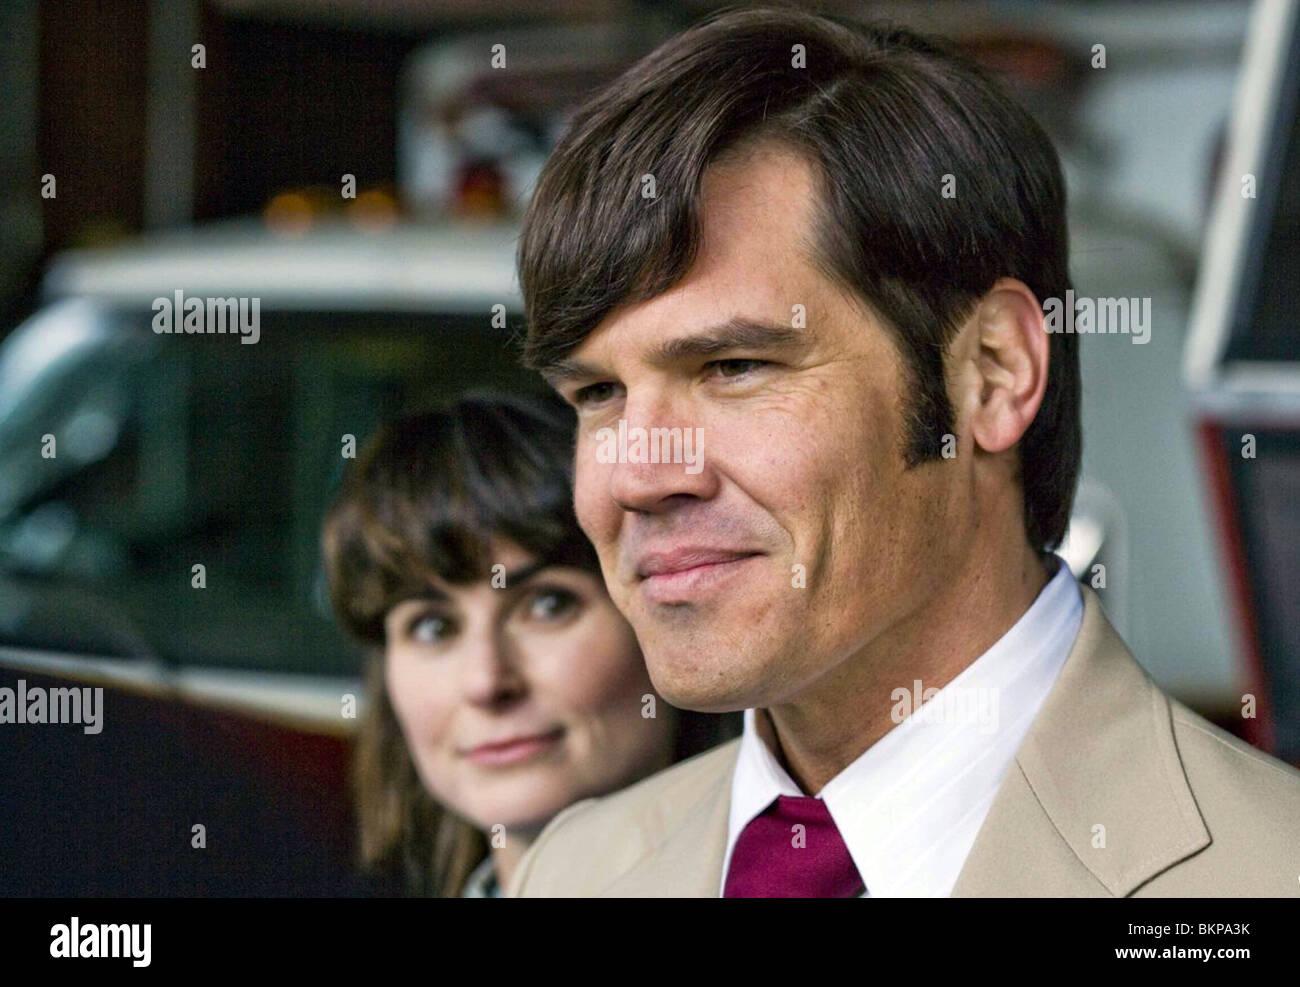 MILK (2008) JOSH BROLIN GUS VAN SANT (DIR) MK 007 - Stock Image